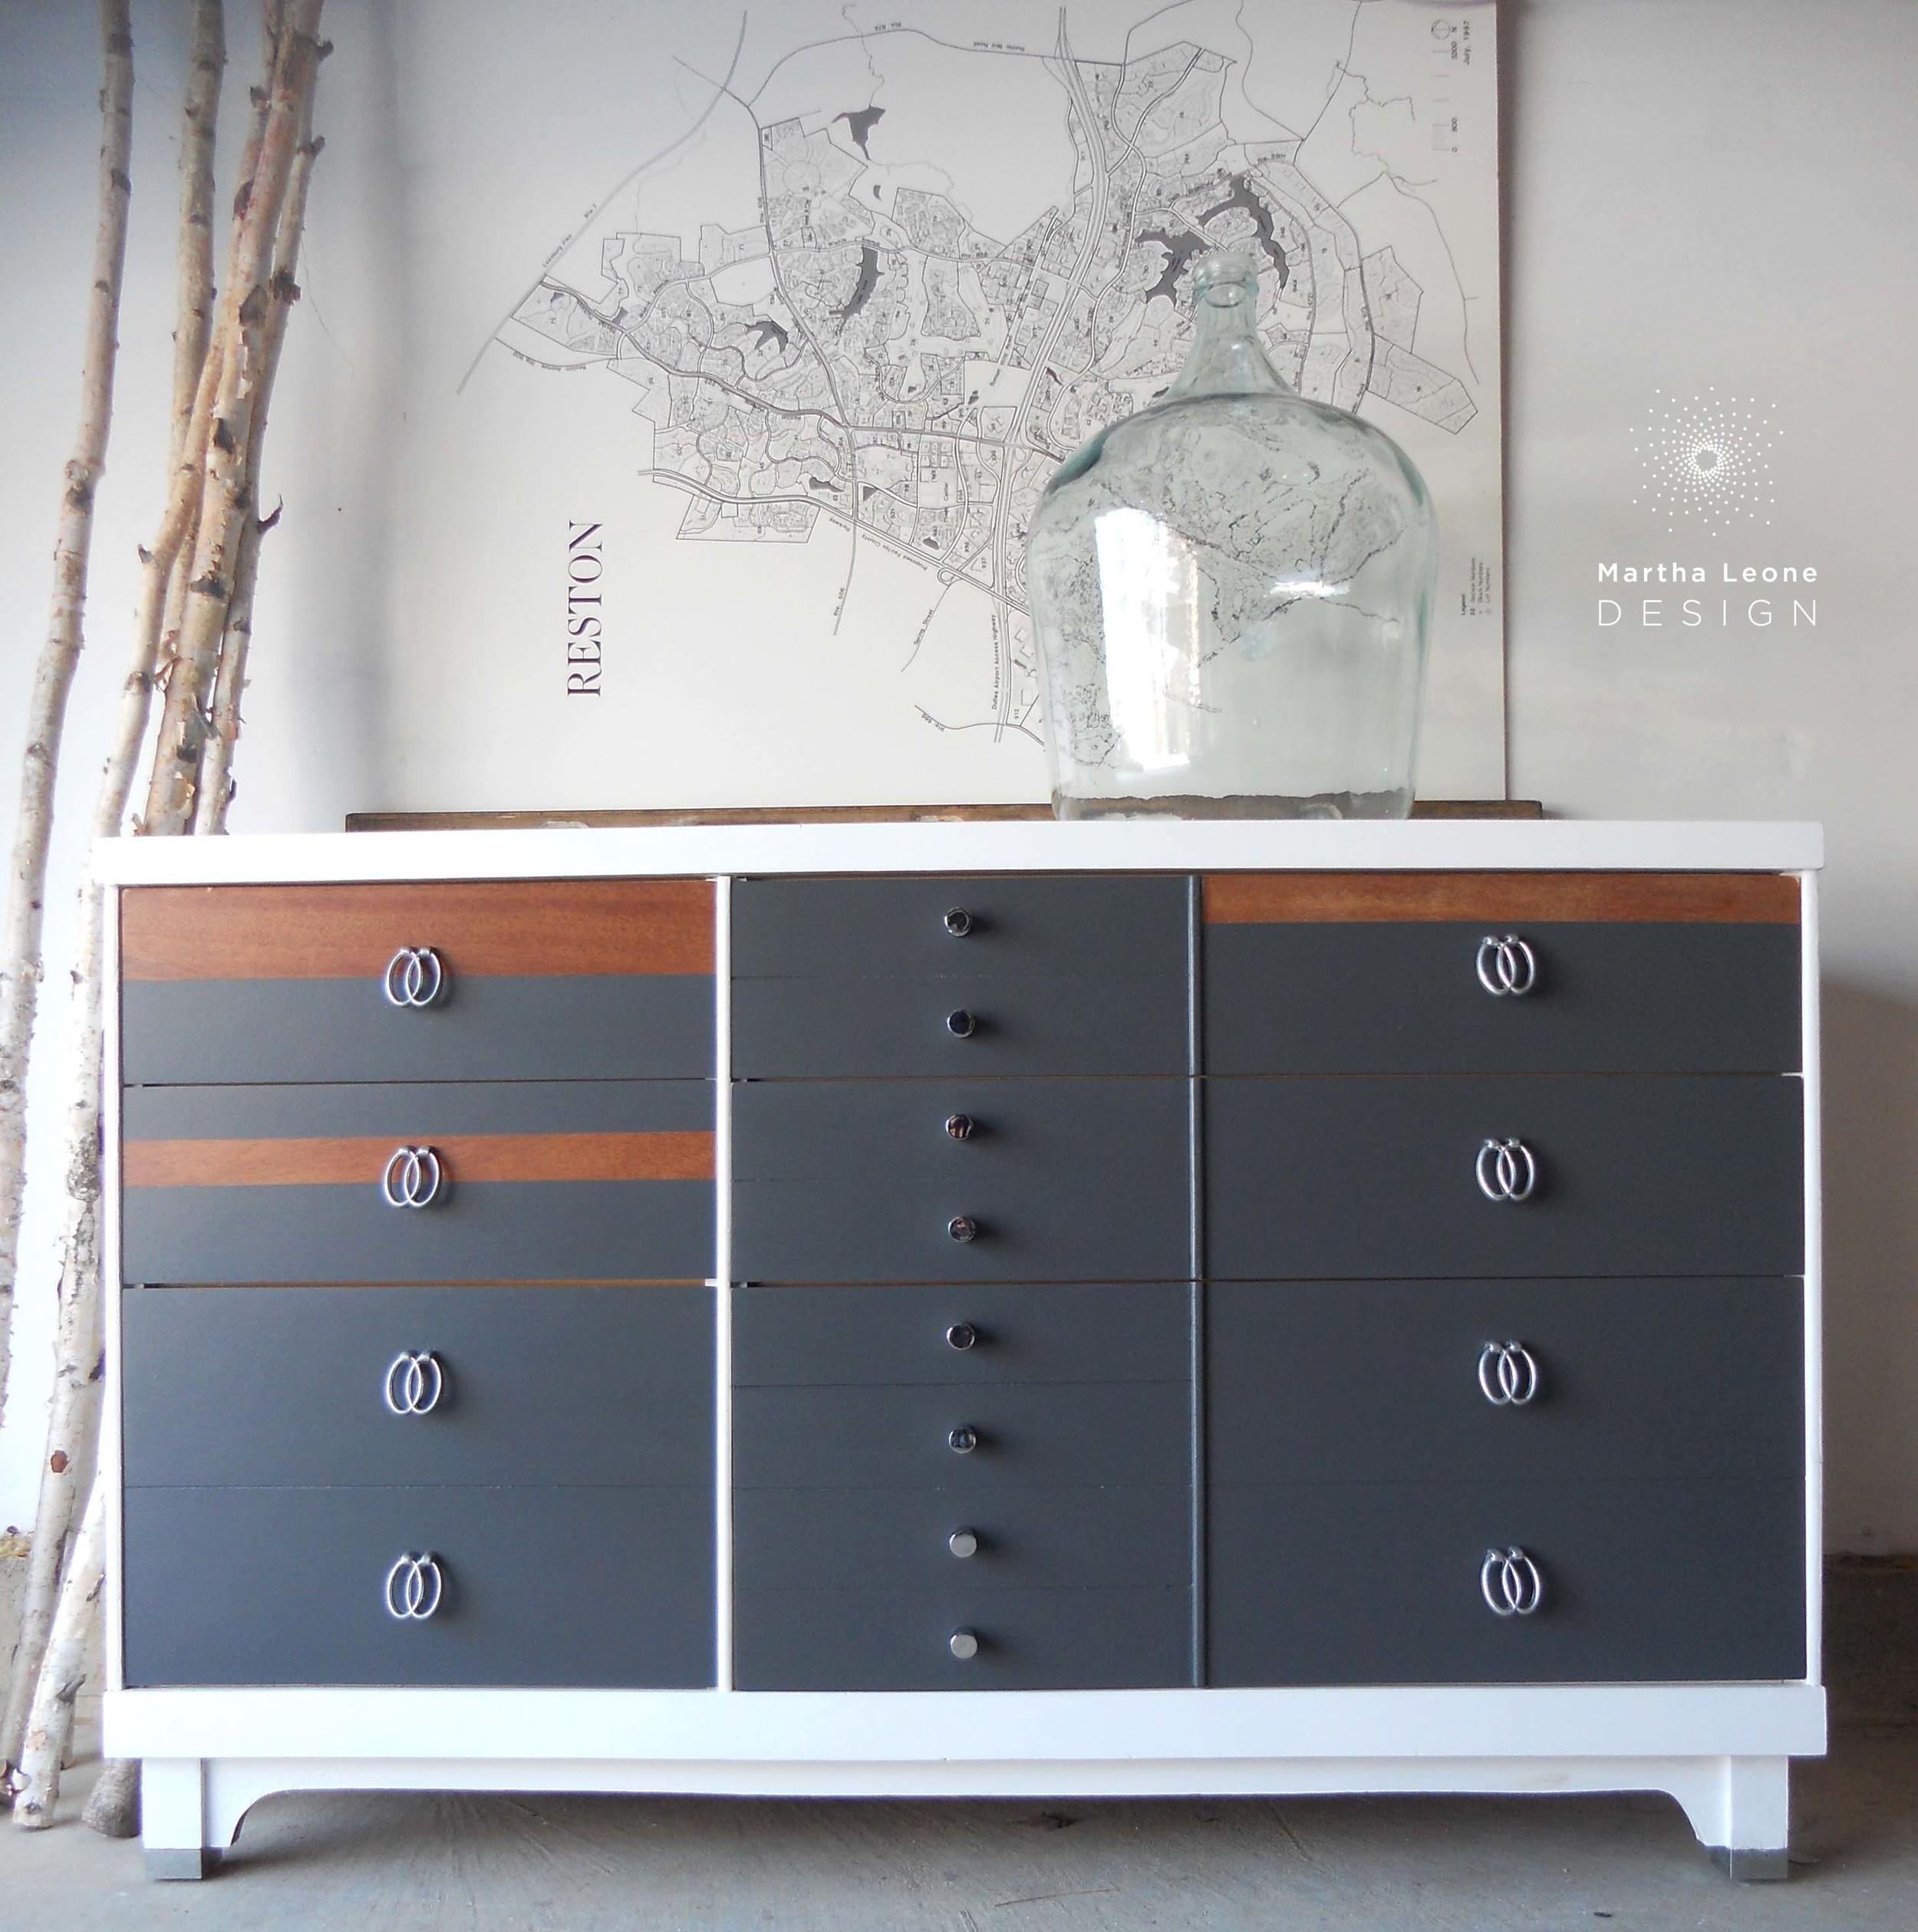 130b MCM by Martha Leone Design.jpg